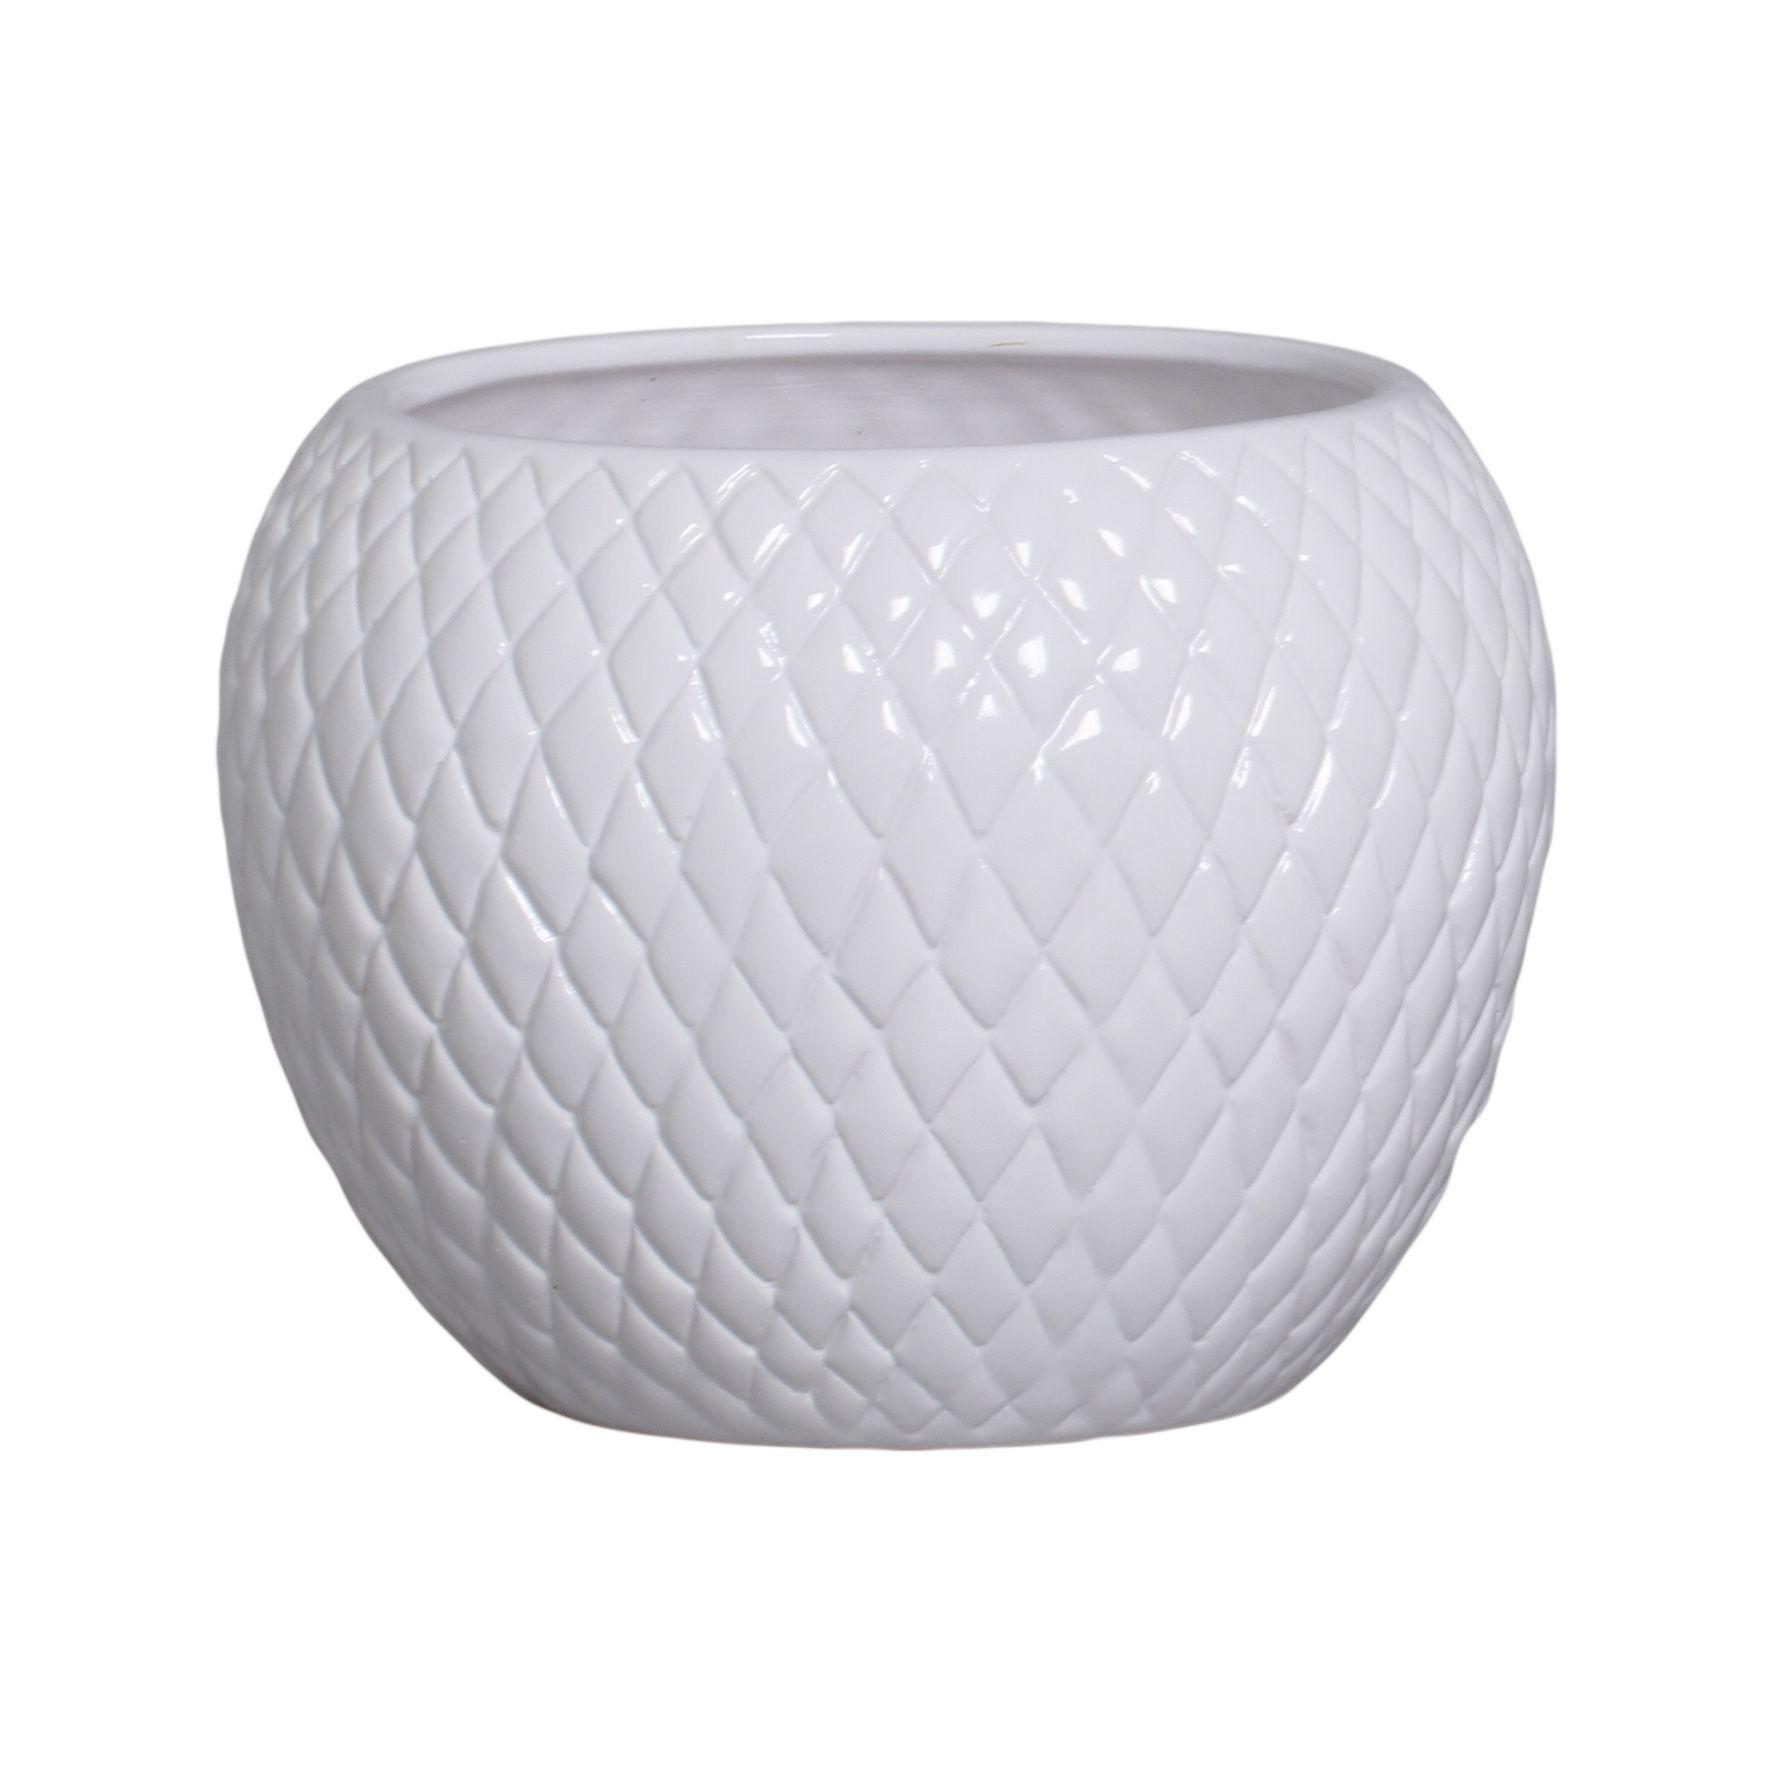 Cachepot de Cerâmica Branco G 18,7x24,5 cm